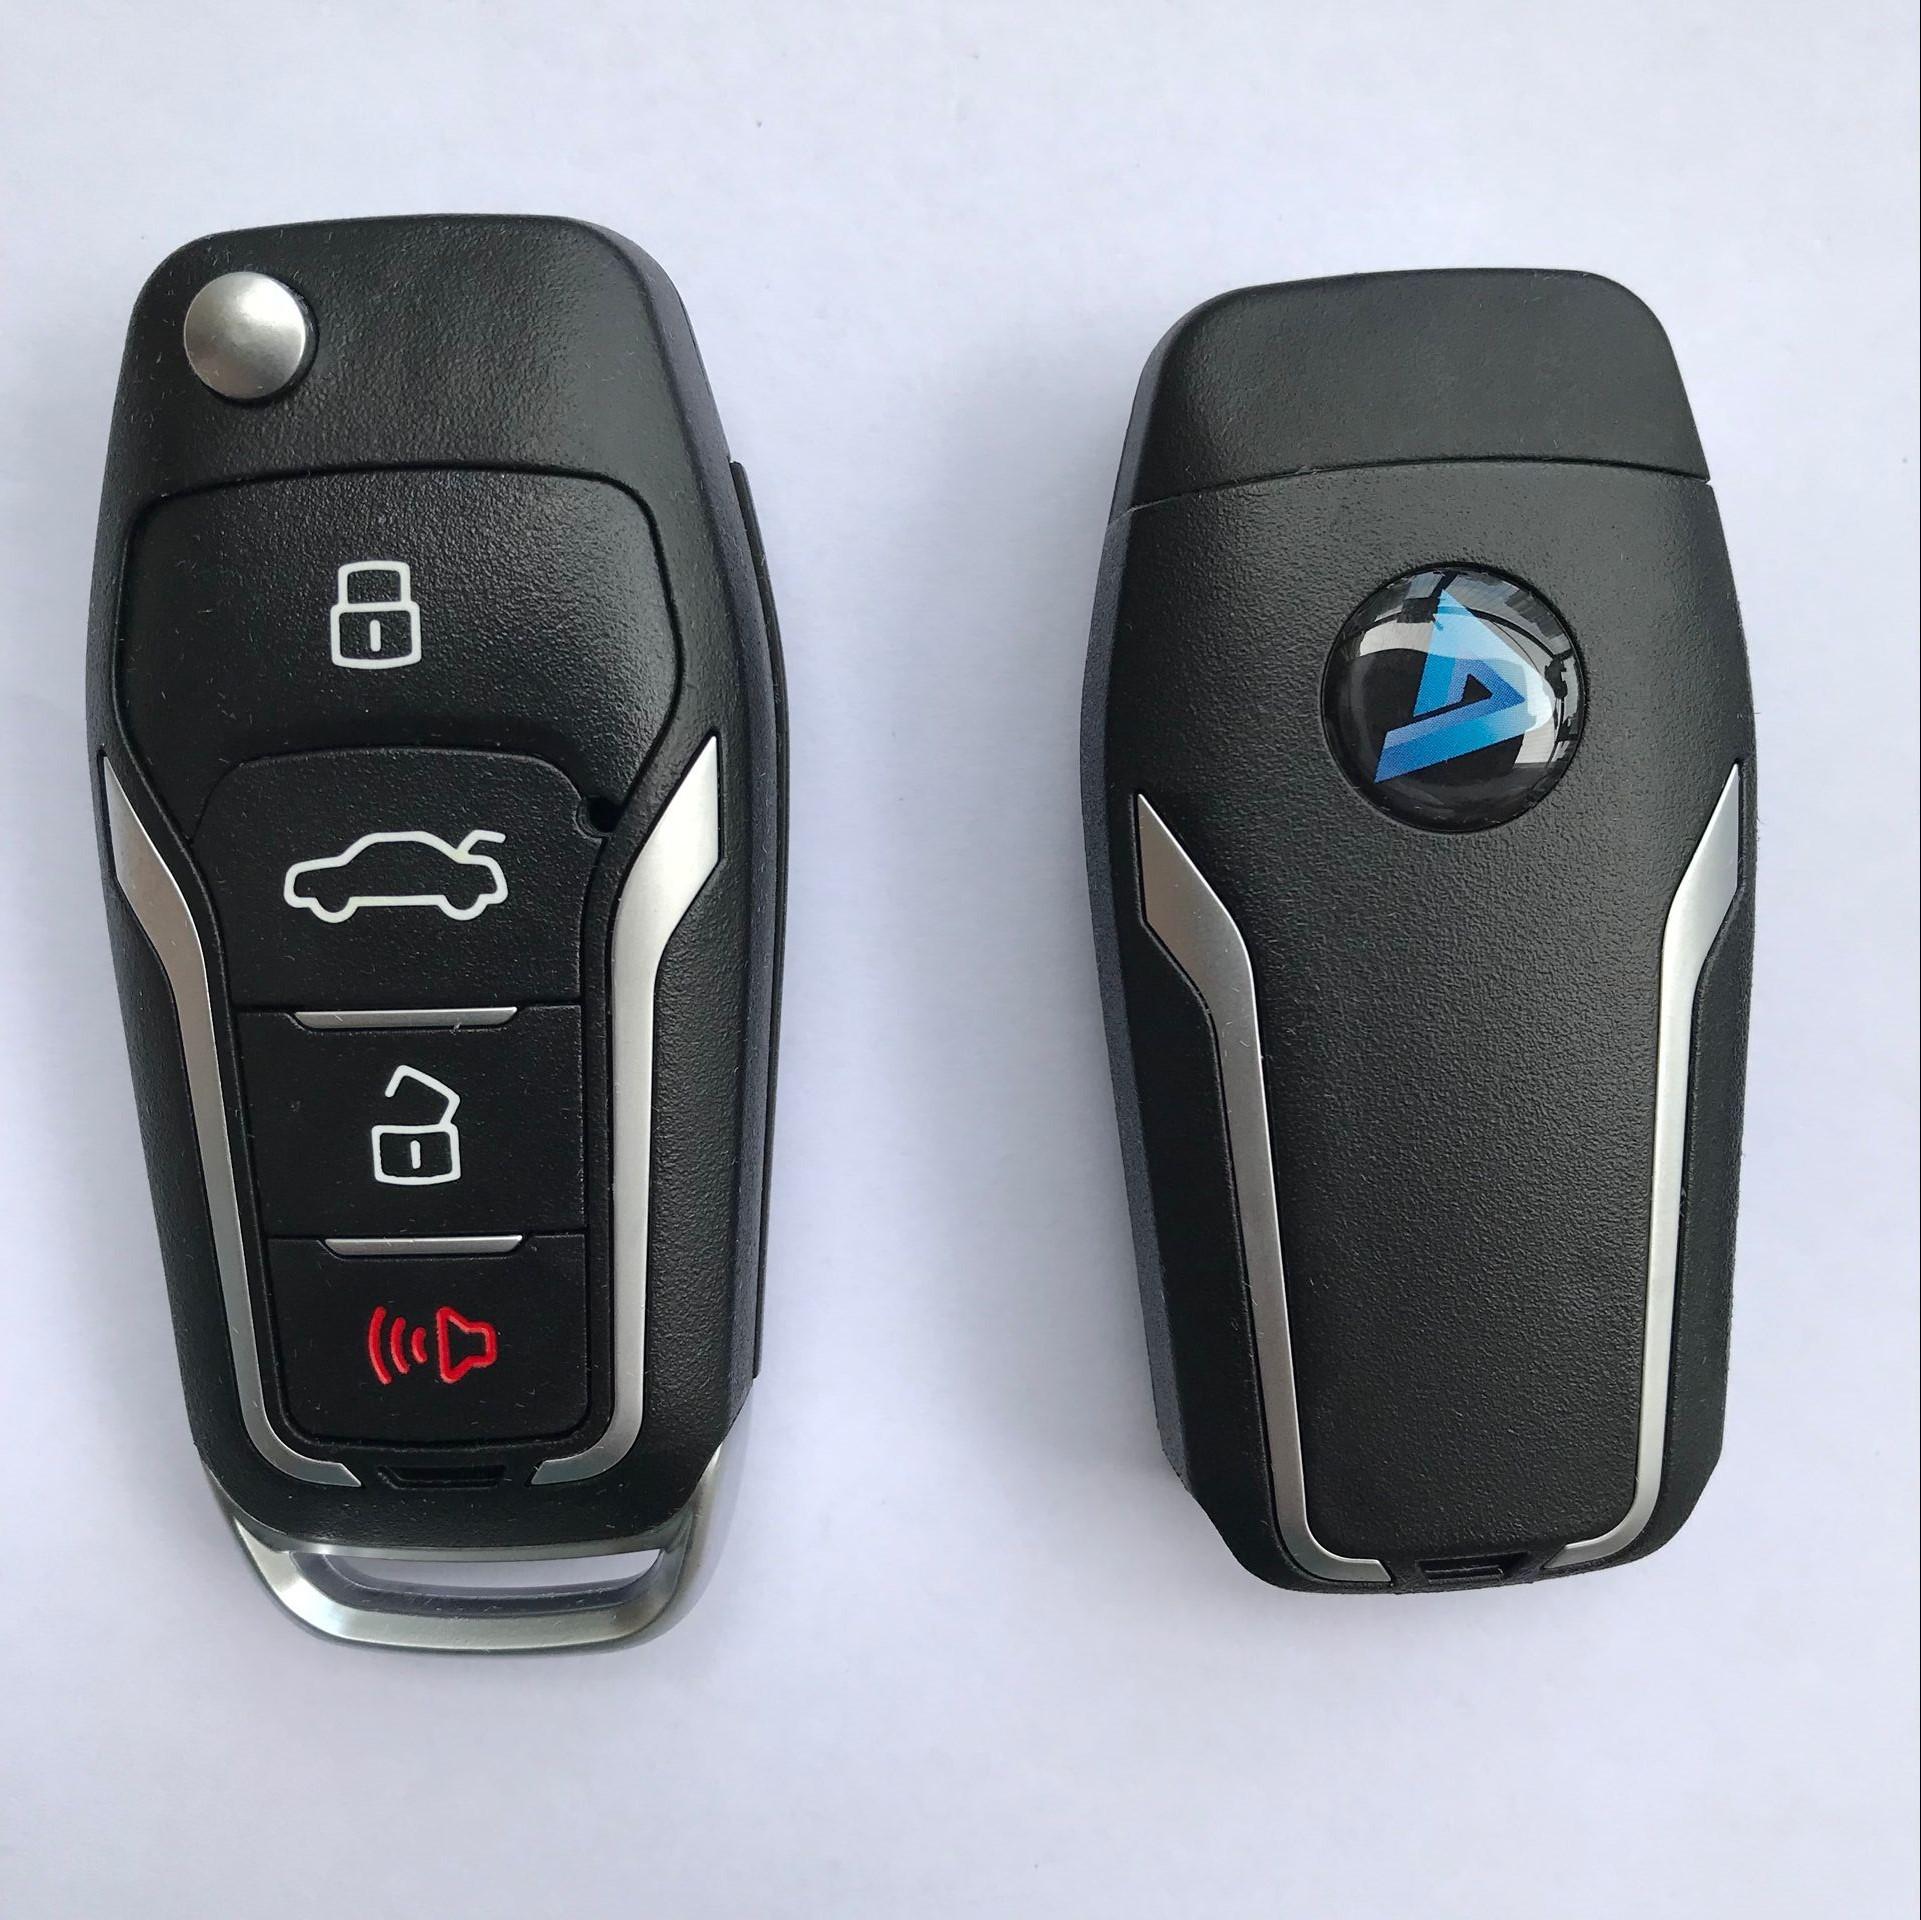 KEYDIY ZB12-3+1 (ZB12-4) KD Remote control - 5 pcs